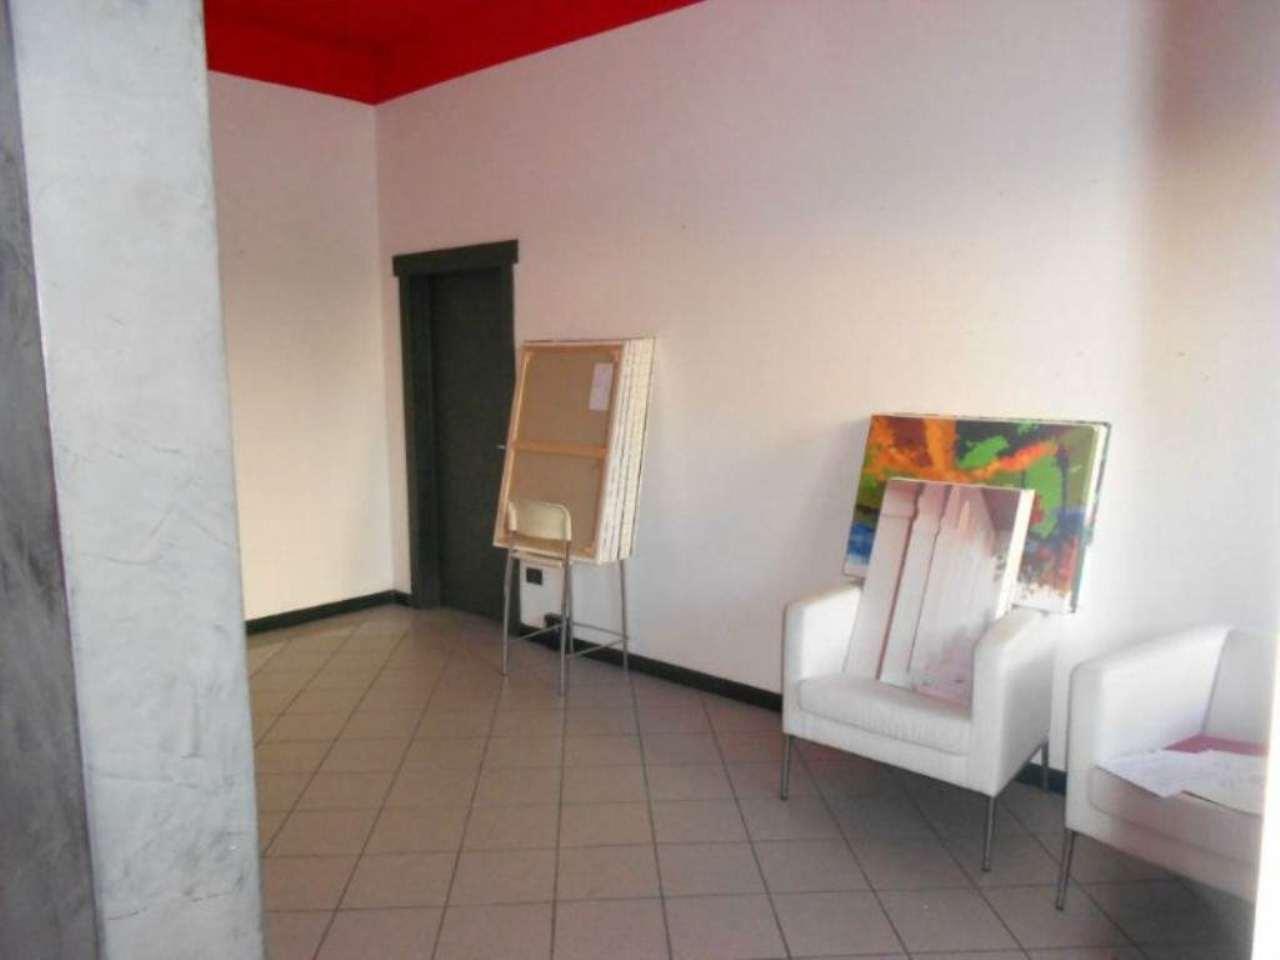 Laboratorio in Vendita a Castelfranco Emilia